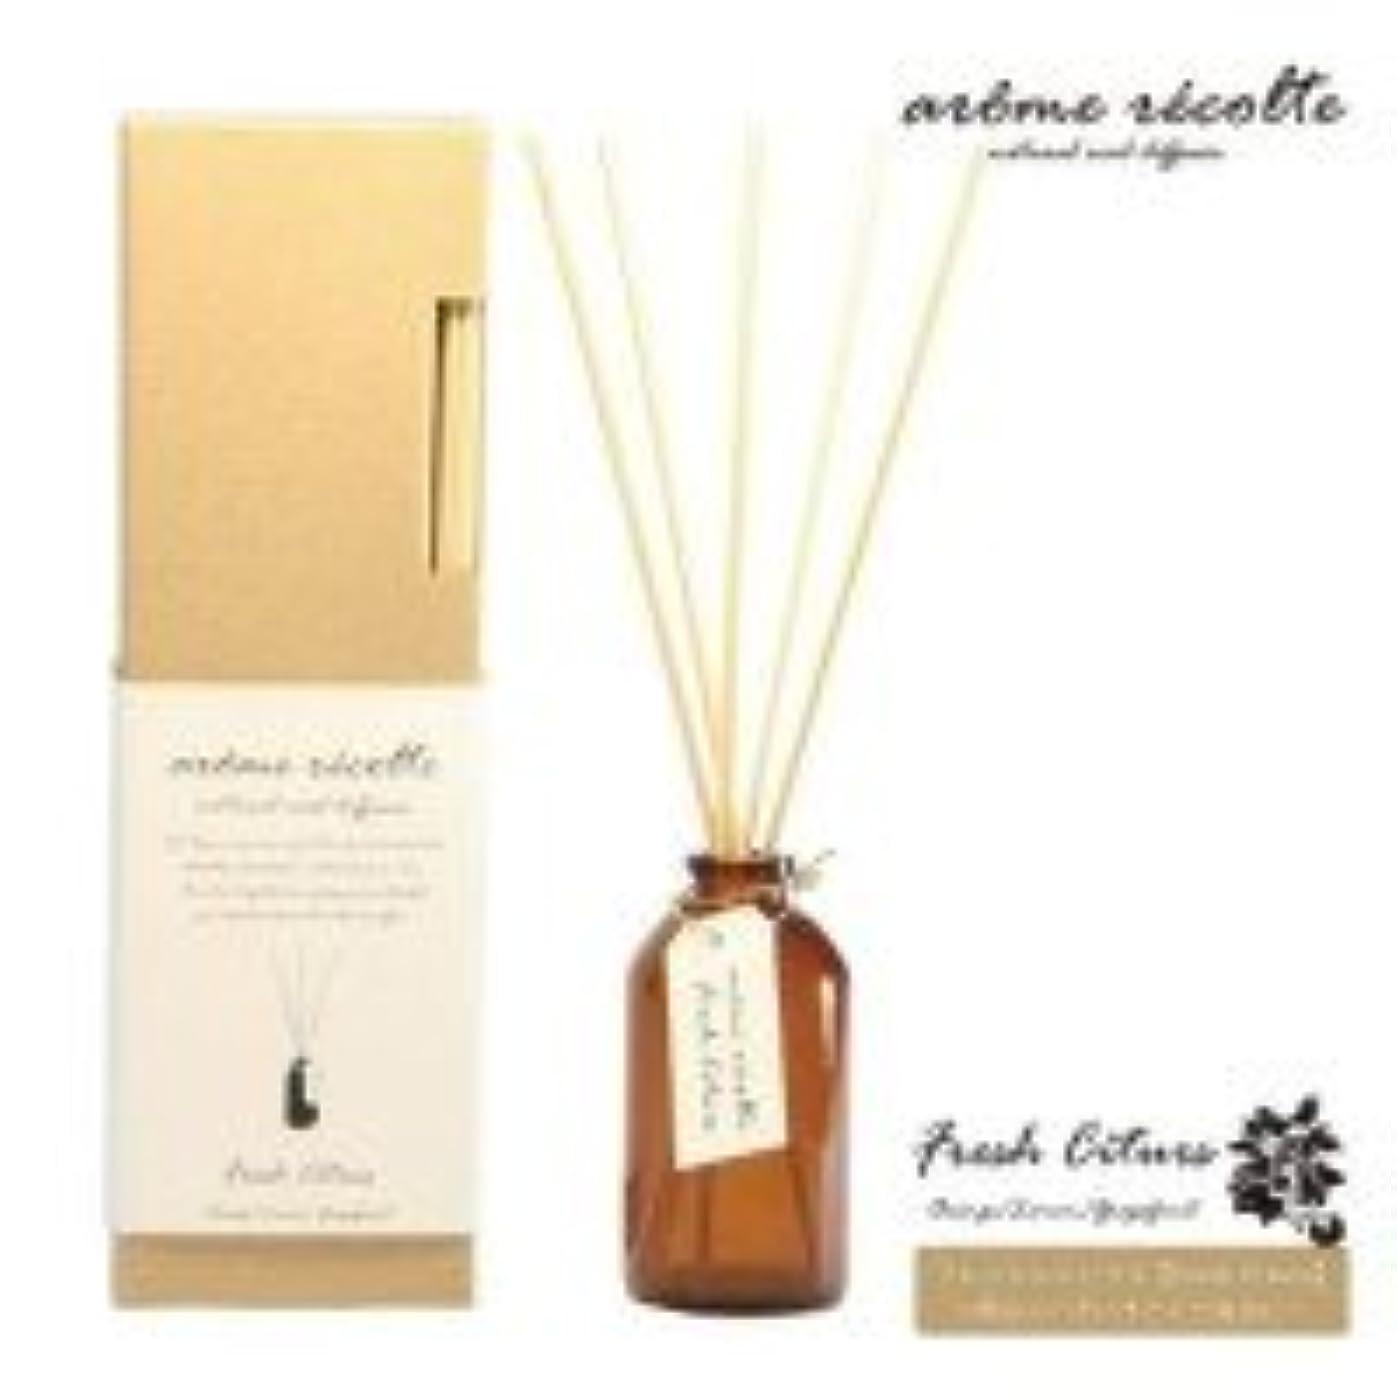 寄稿者ビジネススキーアロマレコルト ナチュラルアロマディフューザー  フレッシュシトラス【Fresh Citurs】 arome rcolte